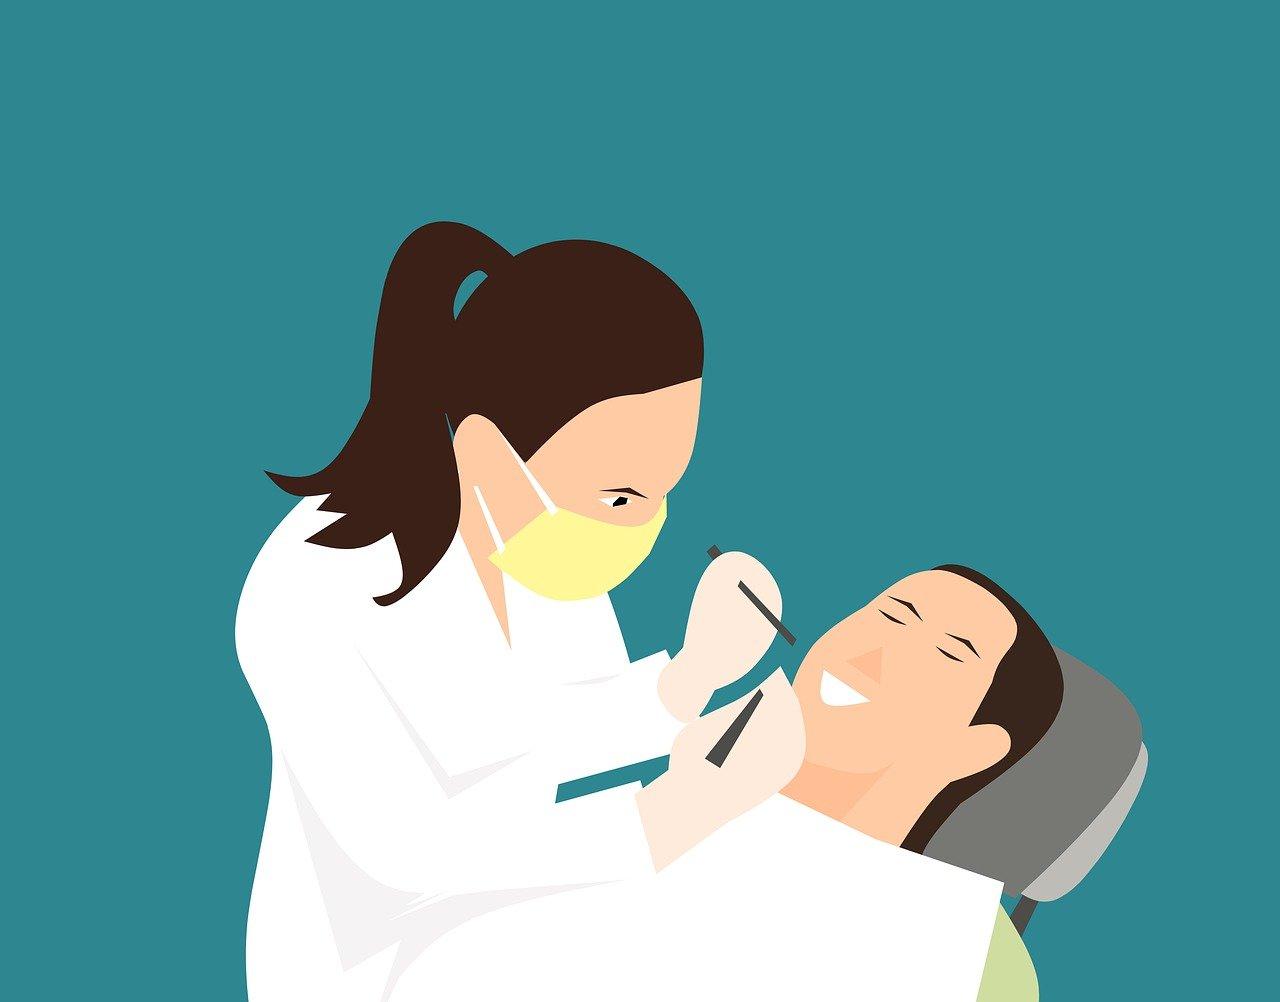 Huisartsenpraktijk Maessen H W J/ Hoelen J M dokter